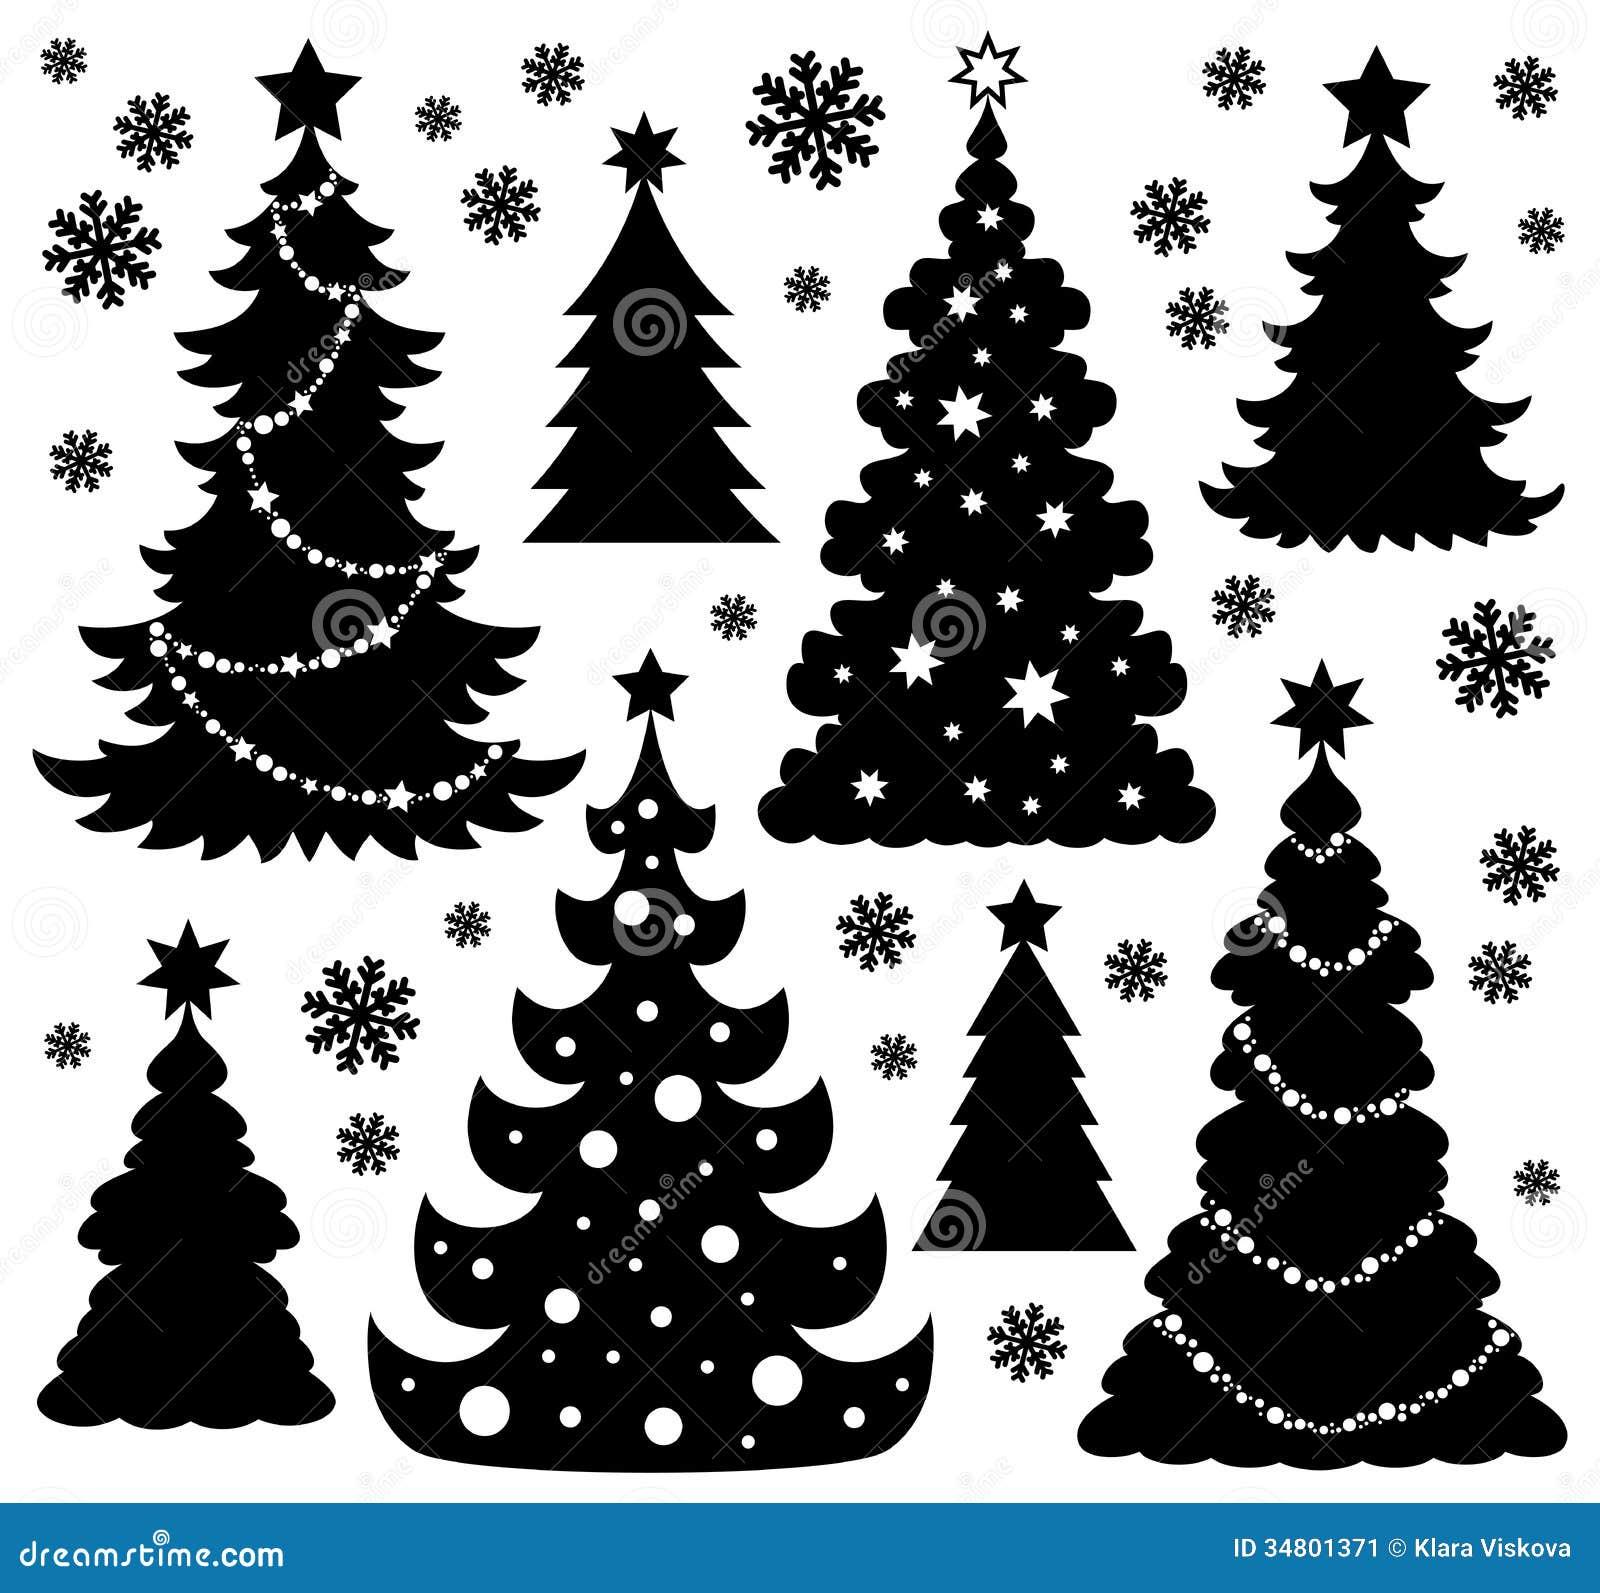 Th me 1 de silhouette d 39 arbre de no l illustration de for Silhouette de noel exterieur